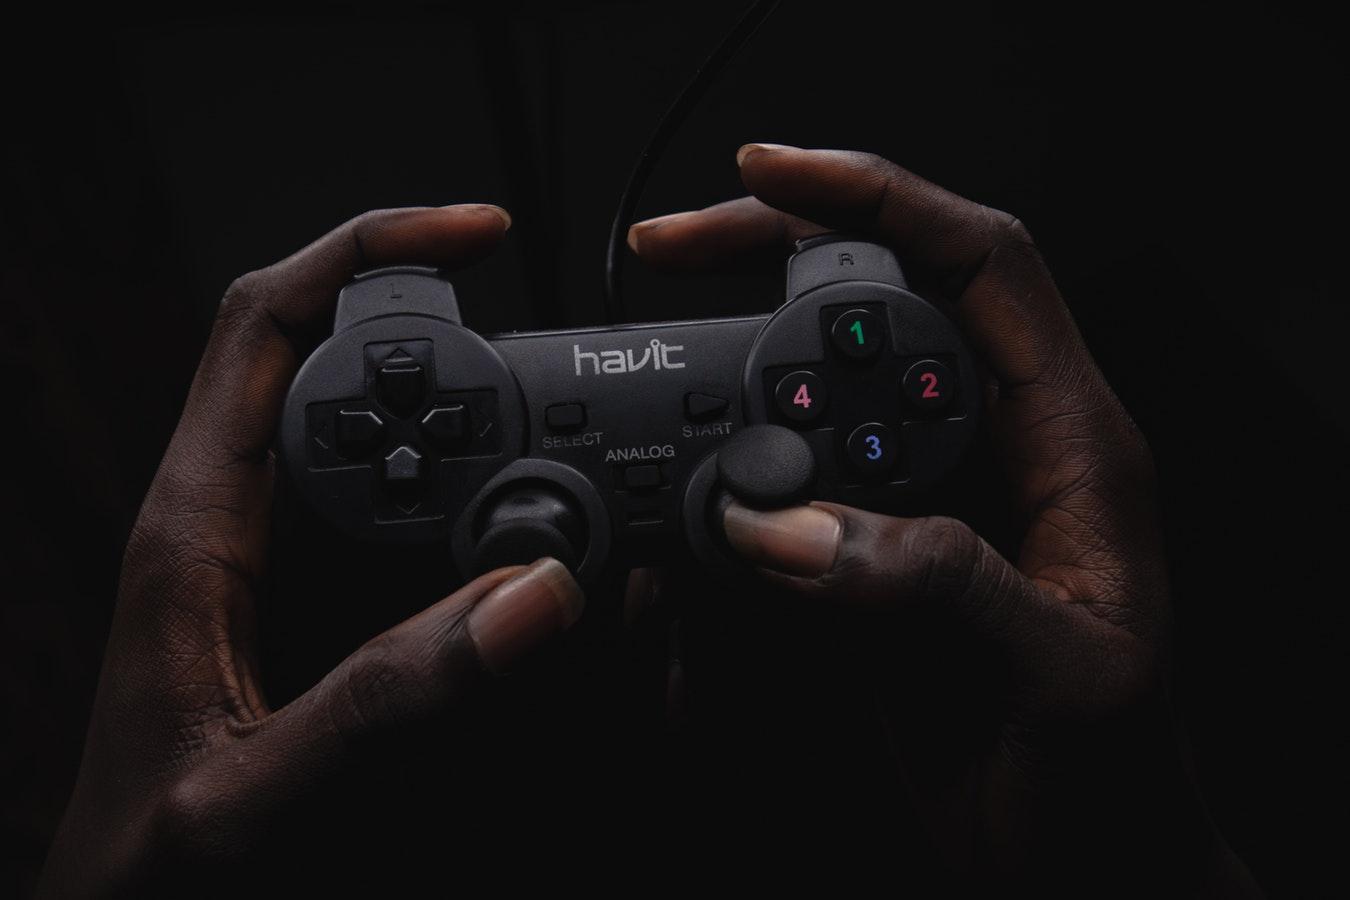 一雙手握著黑色遊戲握柄。